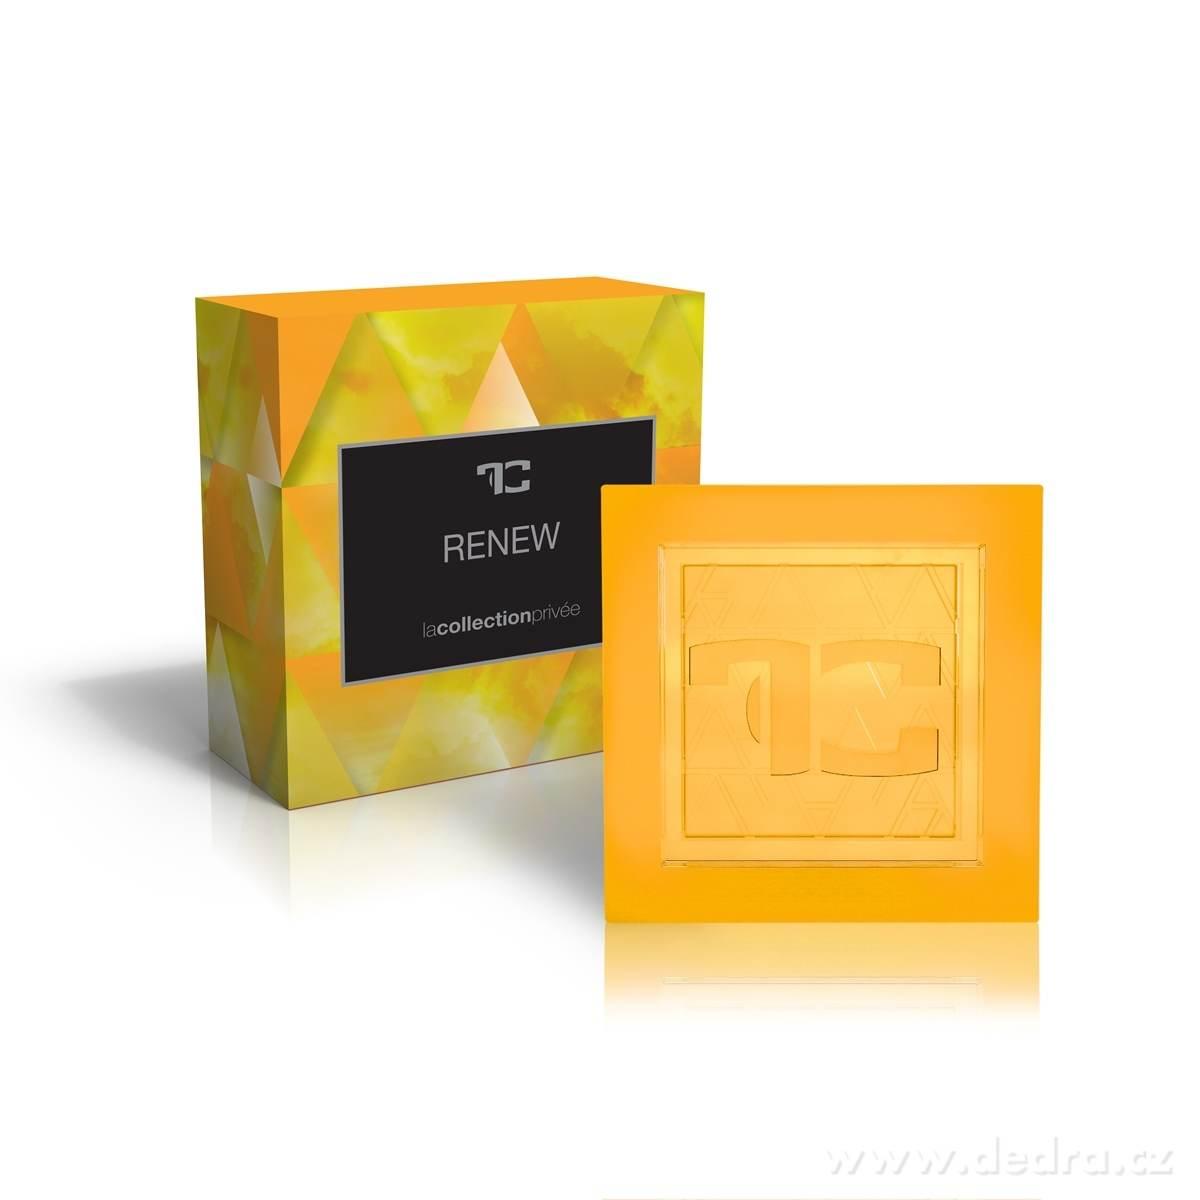 Dedra Přírodní glycerinové mýdlo Renew la collection privée 90 g